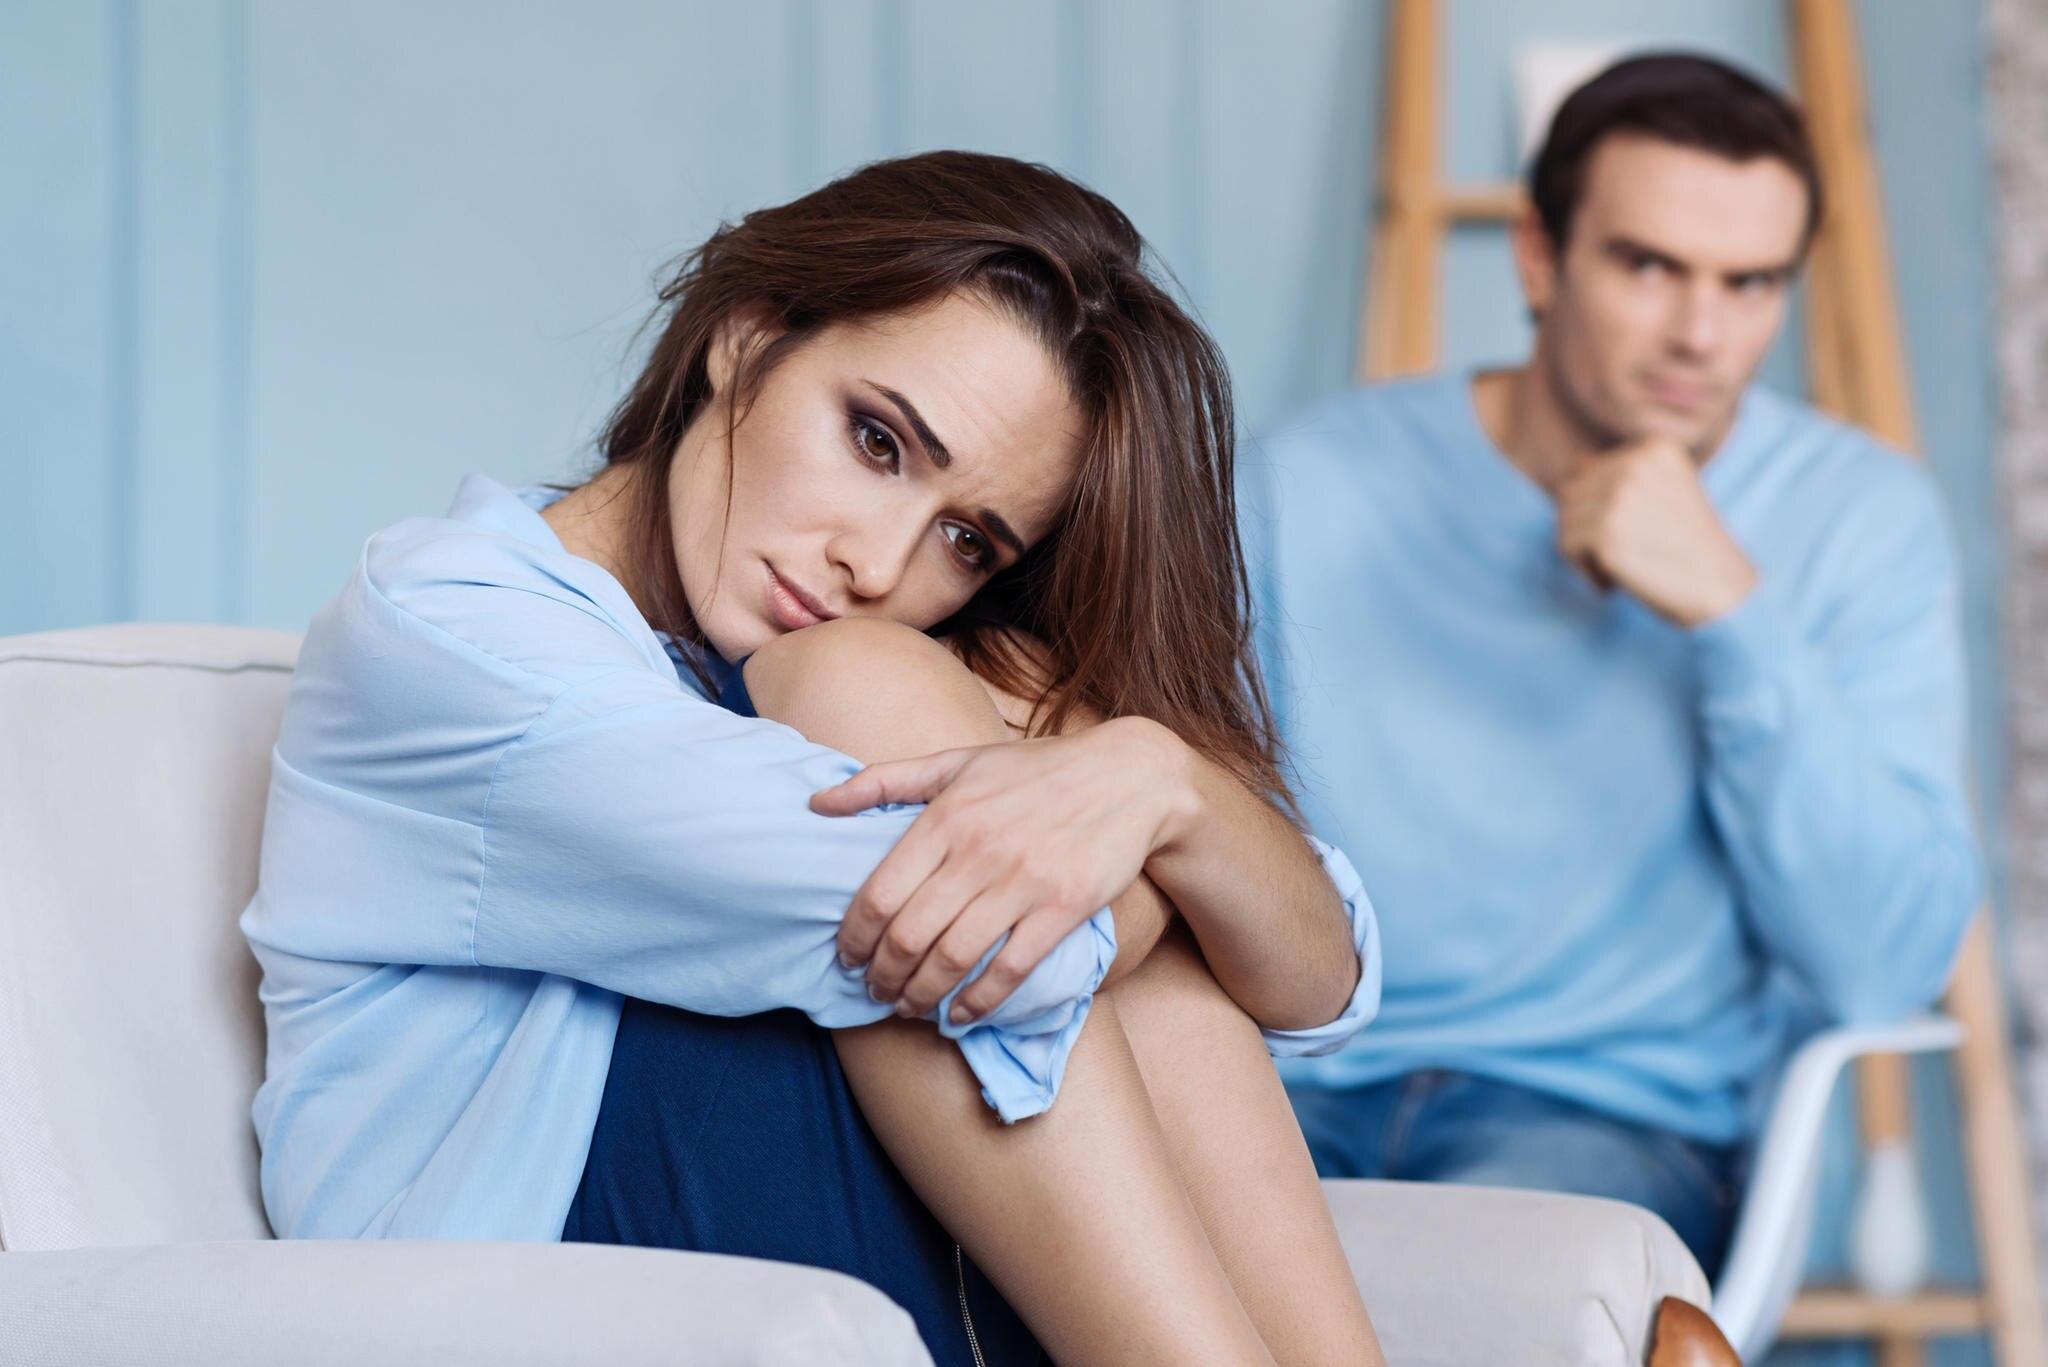 Wenn die Liebe viel mehr wehtut als guttut, ist das ein Zeichen für einetoxische Beziehung